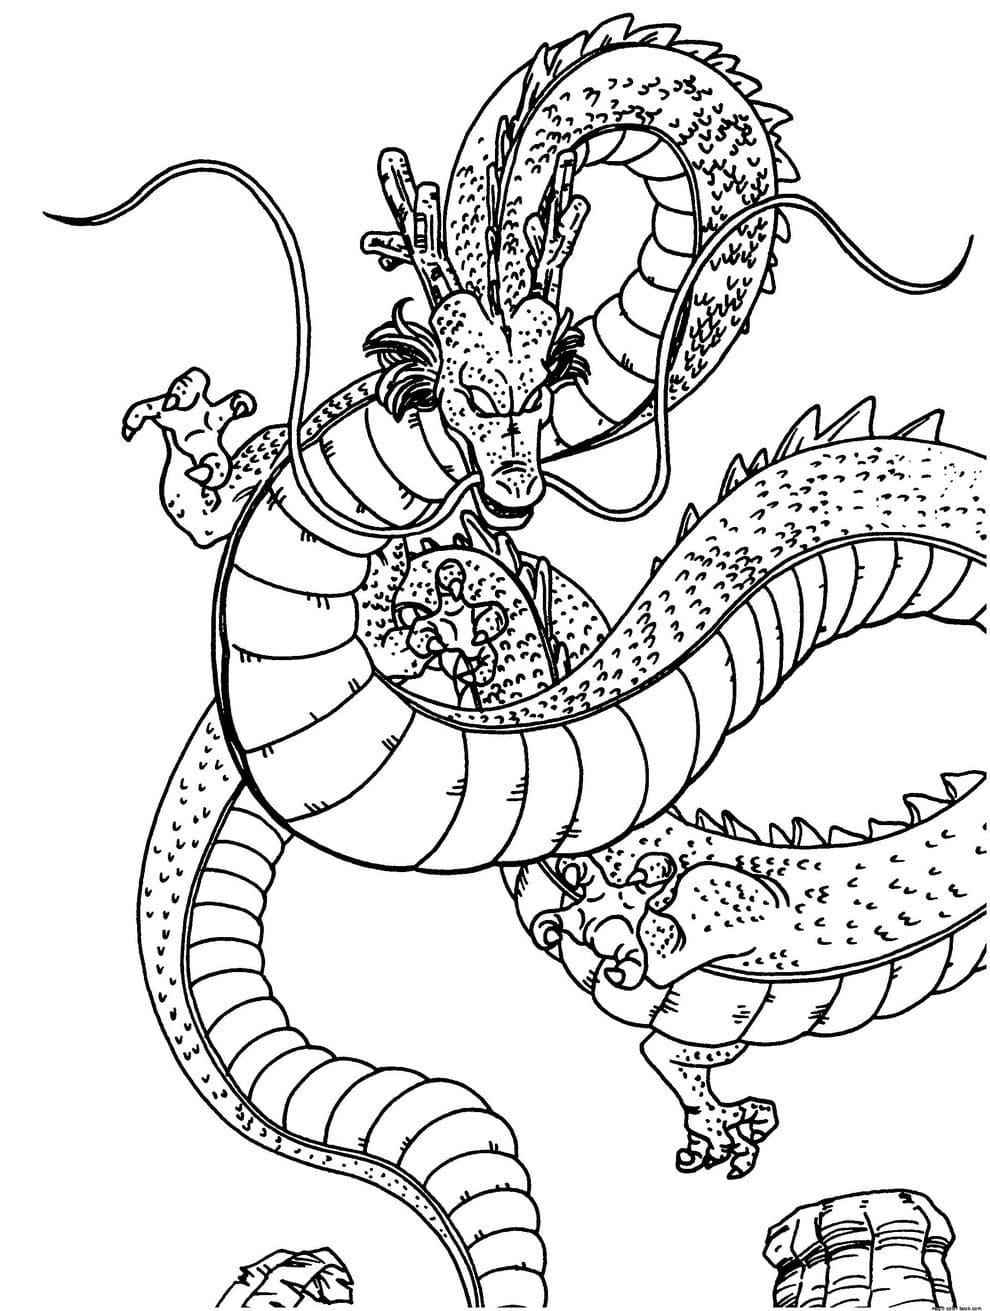 ausmalbilder dragon ball z malvorlagen zum ausdrucken